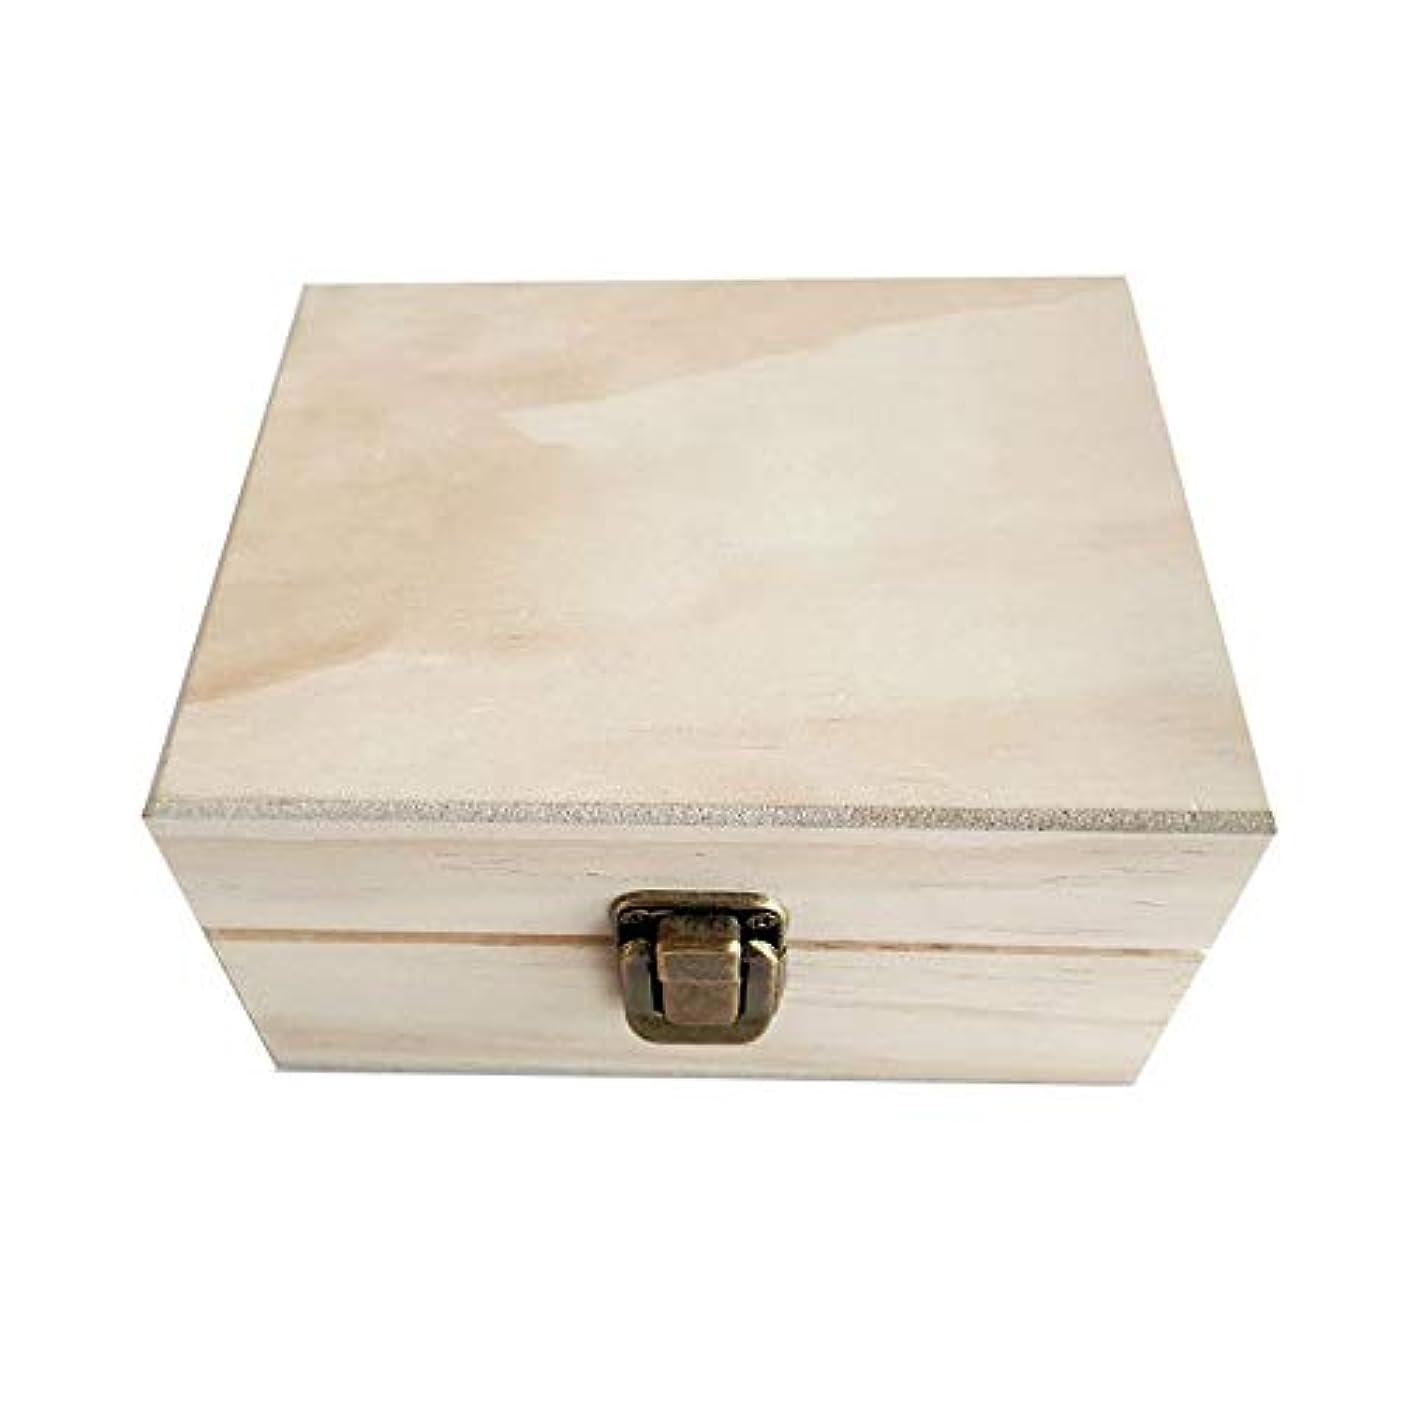 シットコム特別に発生アロマセラピー収納ボックス 12本のボトルオイル、省スペースのストレージスロットオイルボックス木箱 エッセンシャルオイル収納ボックス (色 : Natural, サイズ : 15X12X8.5CM)